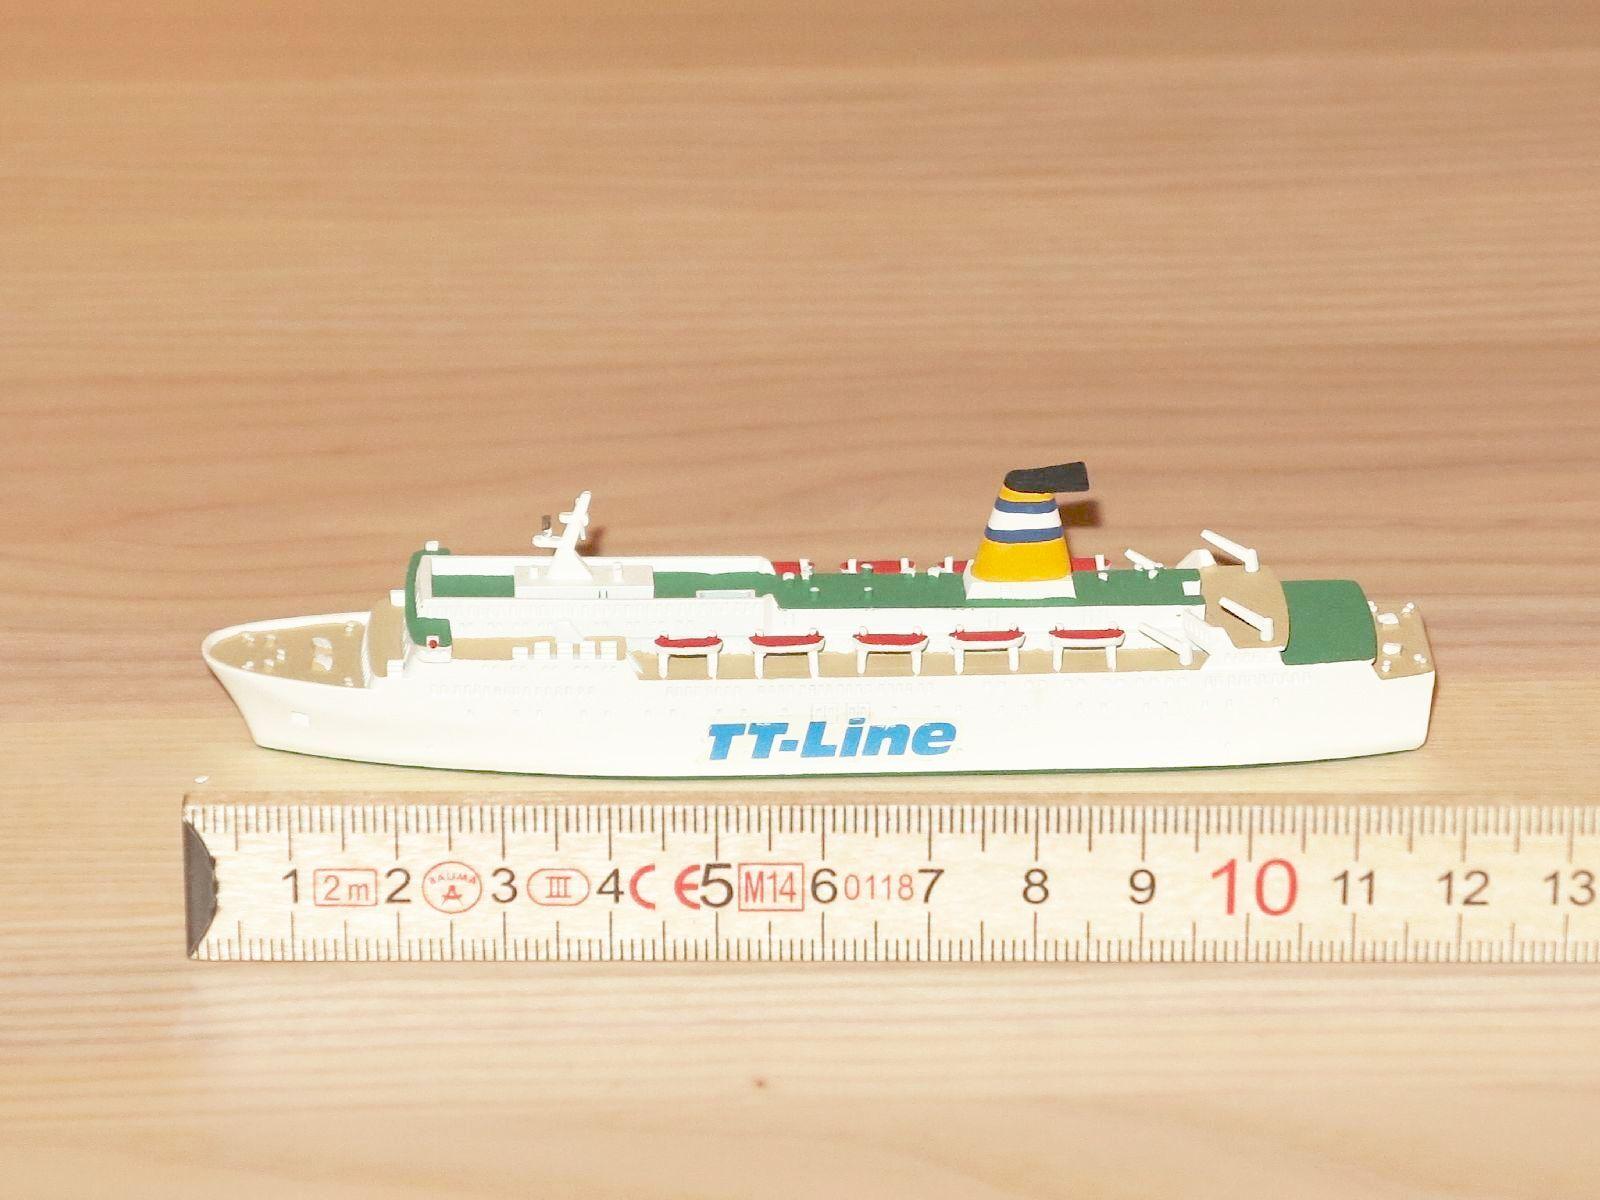 Hansa JJ-line bateau à vapeur paquebot  1 1250 en excellent état  forme unique